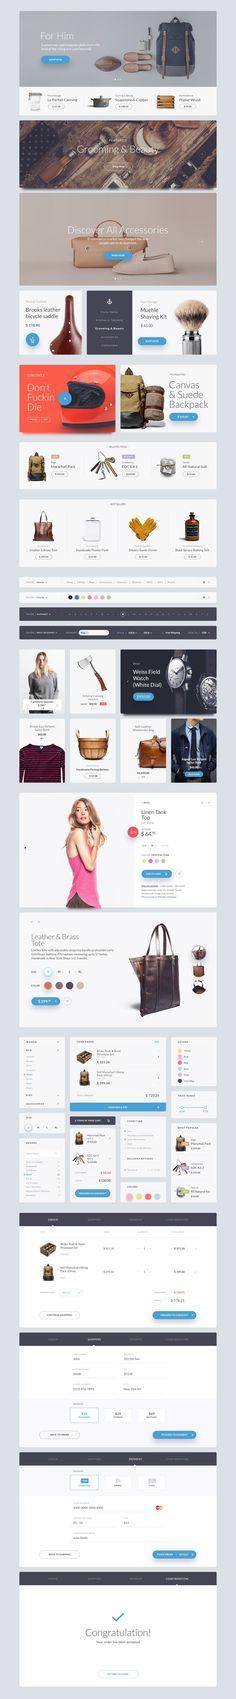 Freebie - Kauf UI web kit